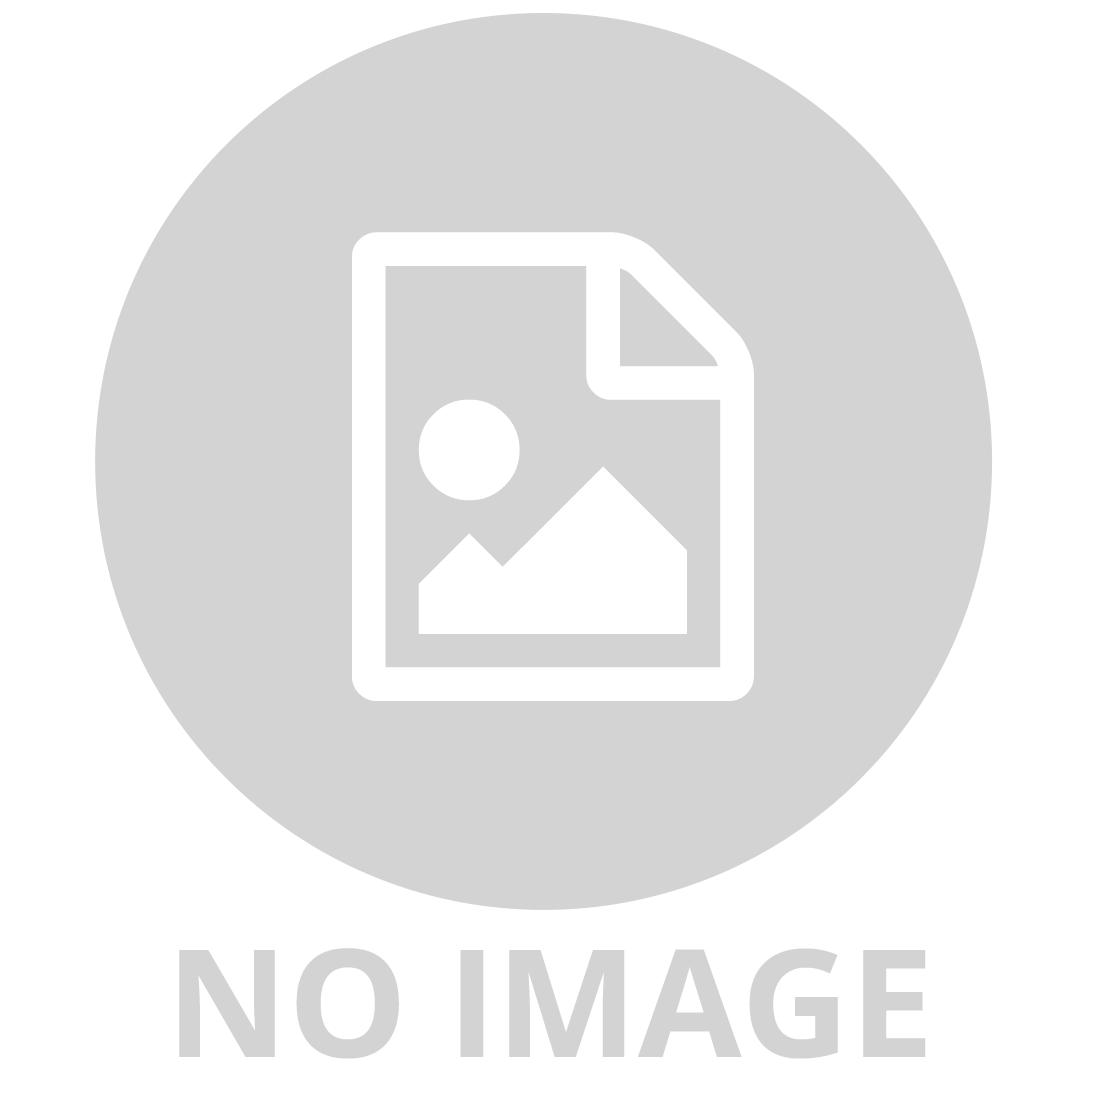 HORNBY RAILMASTER PC MODEL RAILWAY CONTROL SYSTEM